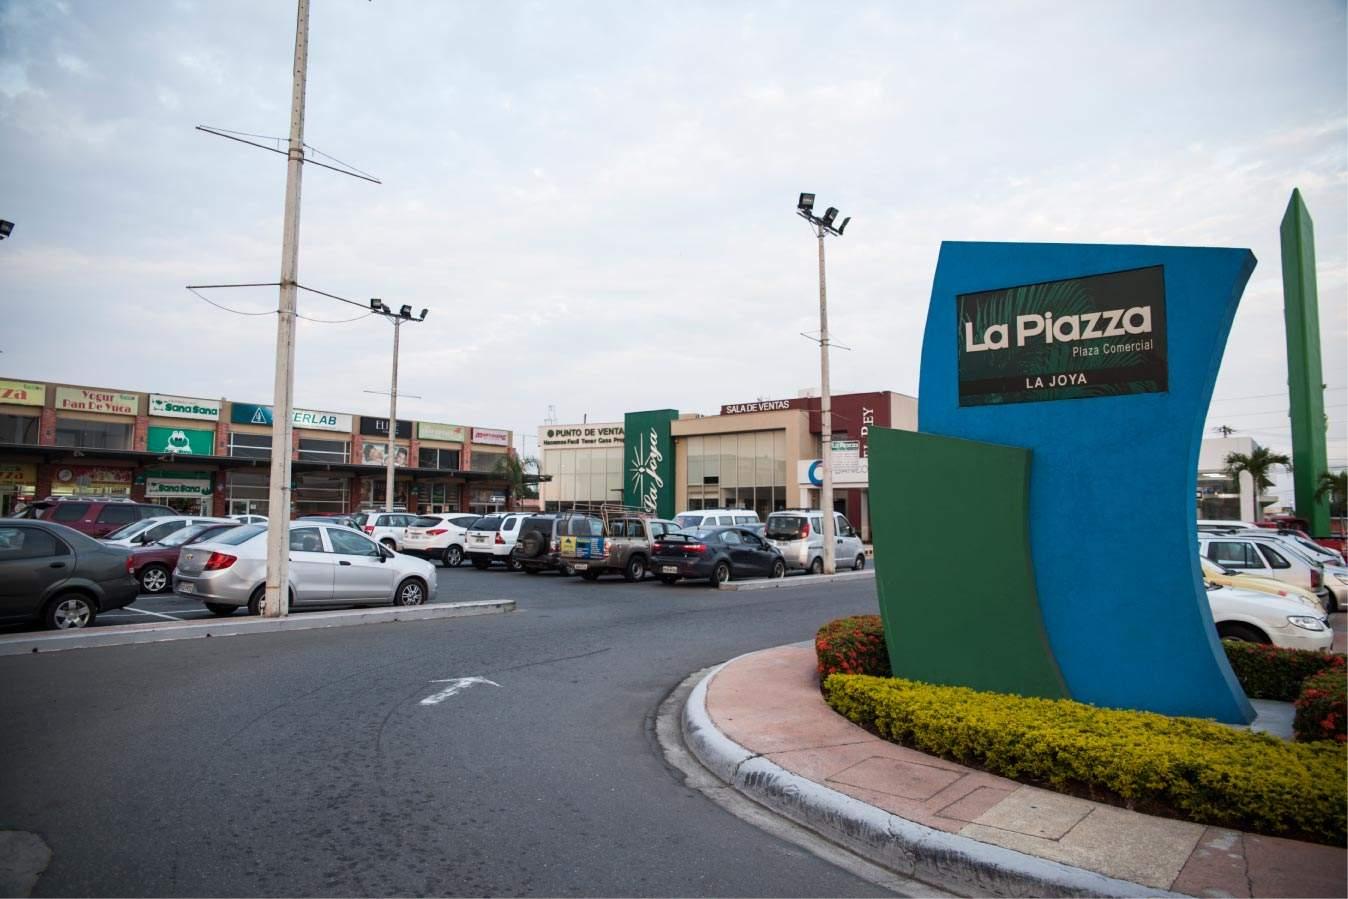 la piazza la joya - ¿Ya conoces los mejores lugares de La Joya?